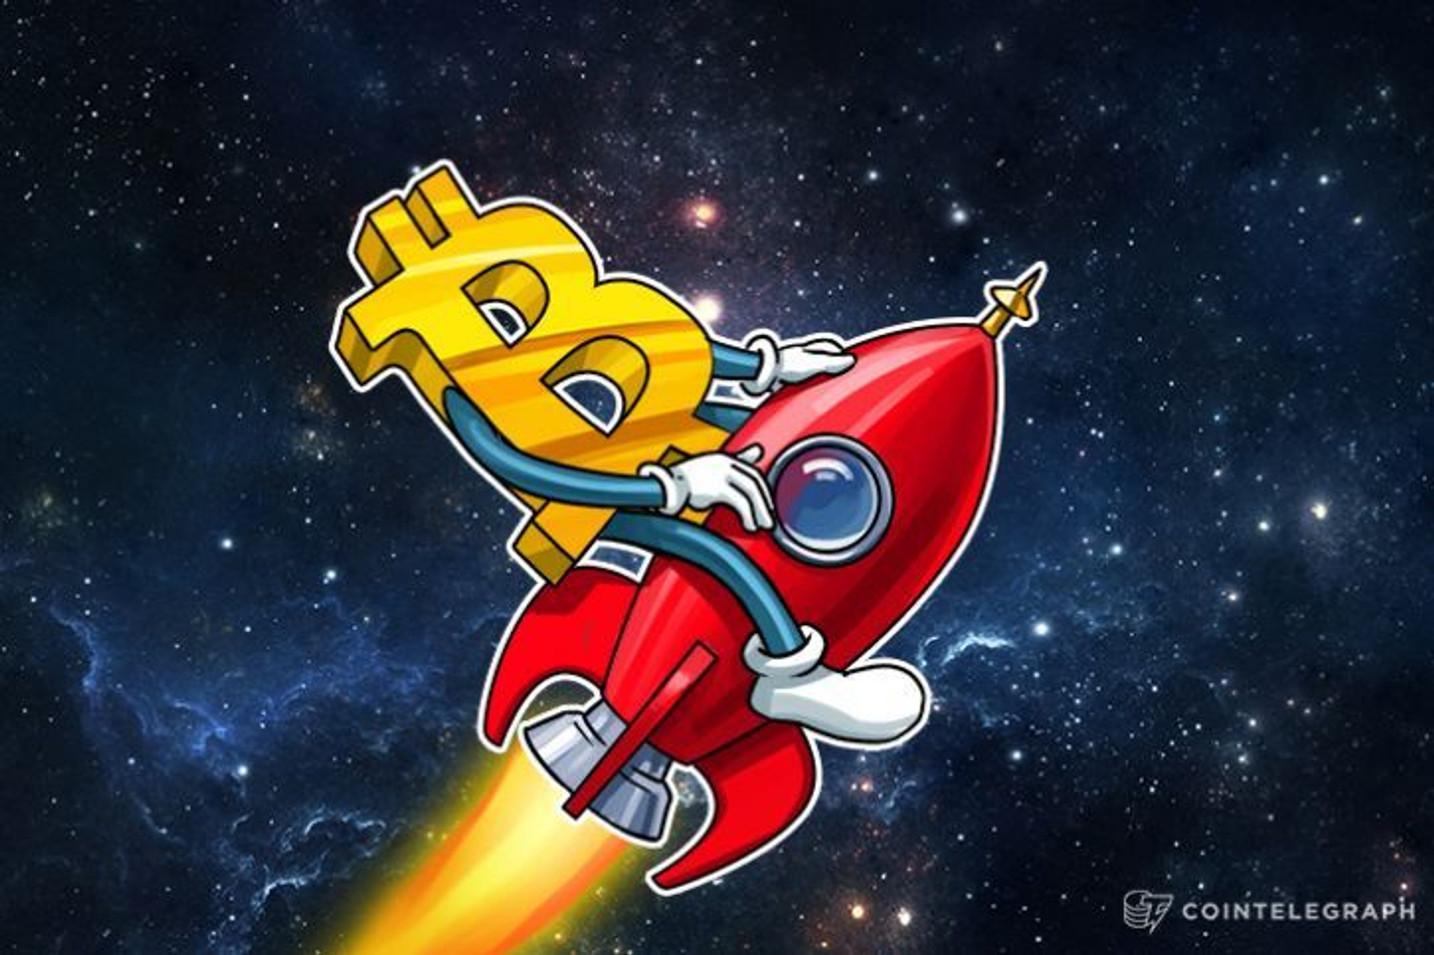 'Compre agora ou se arrependa depois', diz analista prevendo alta de até 30% para Bitcoin, Ethereum e Cardano